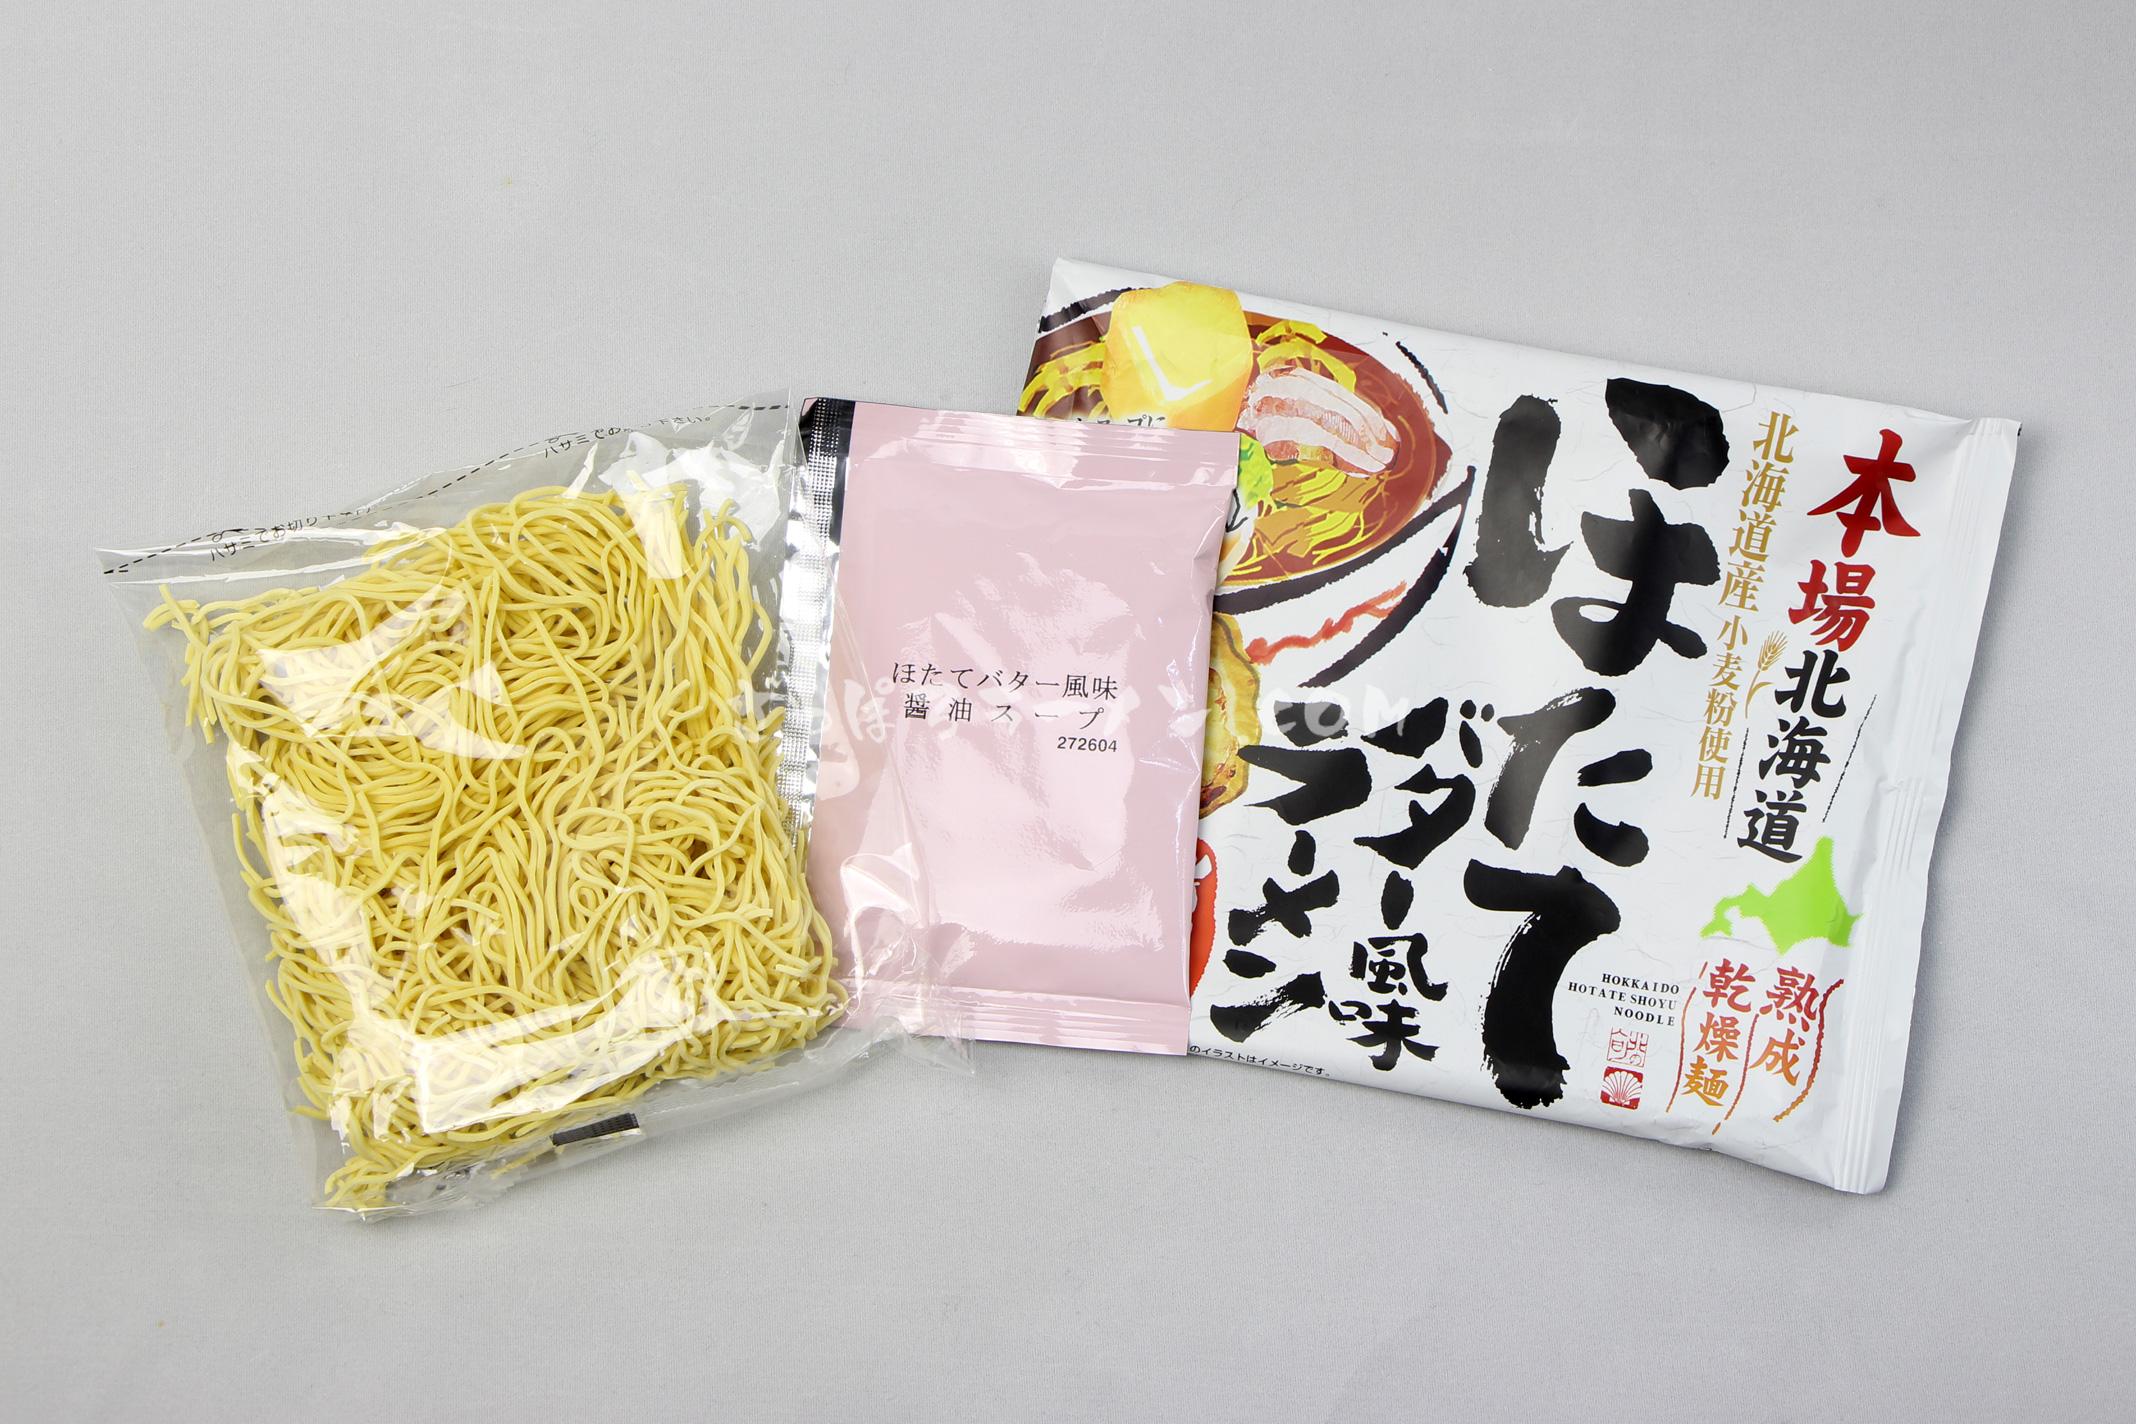 「本場北海道 ほたてバター風味ラーメン 醤油」(藤原製麺)の麺とスープ